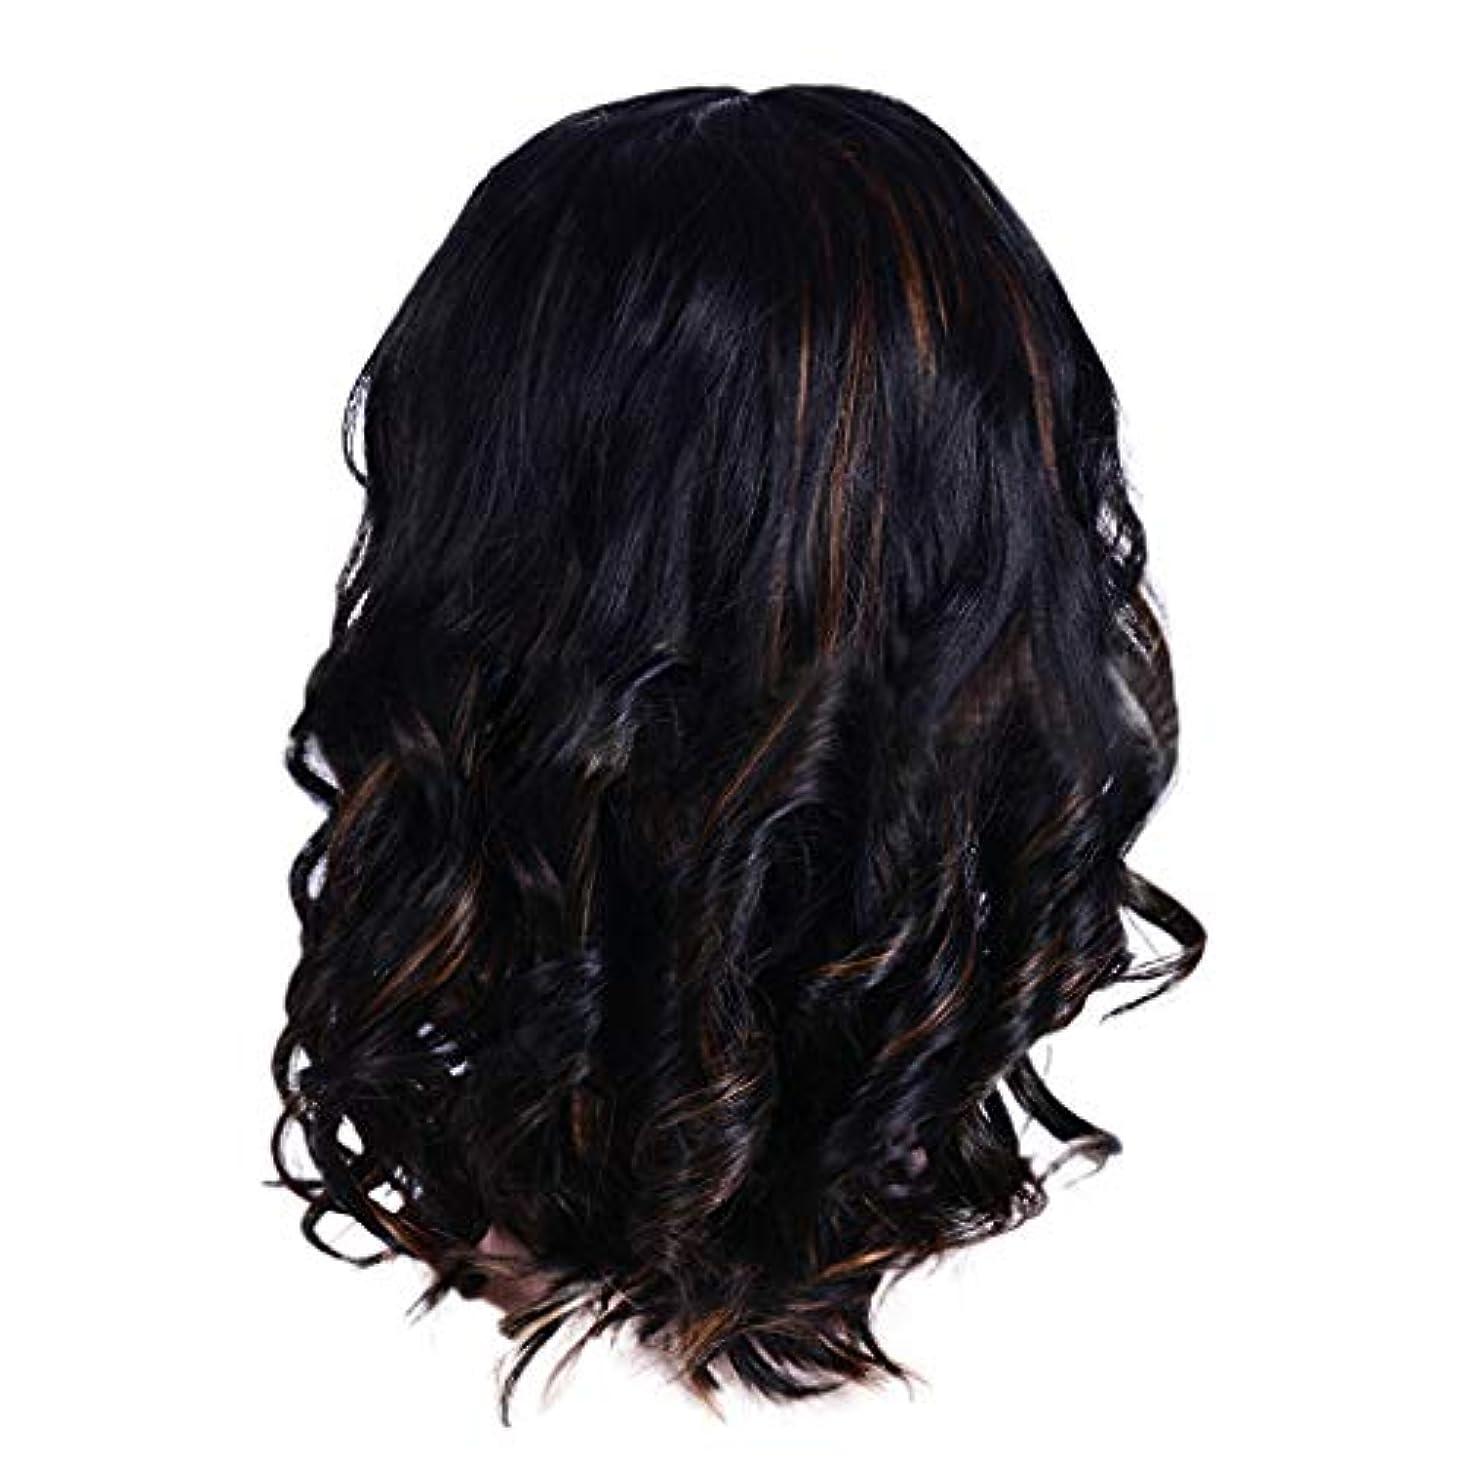 主輝く叱るウィッグの女性の短い巻き毛の黒ボブエレガントなファッションウィッグ